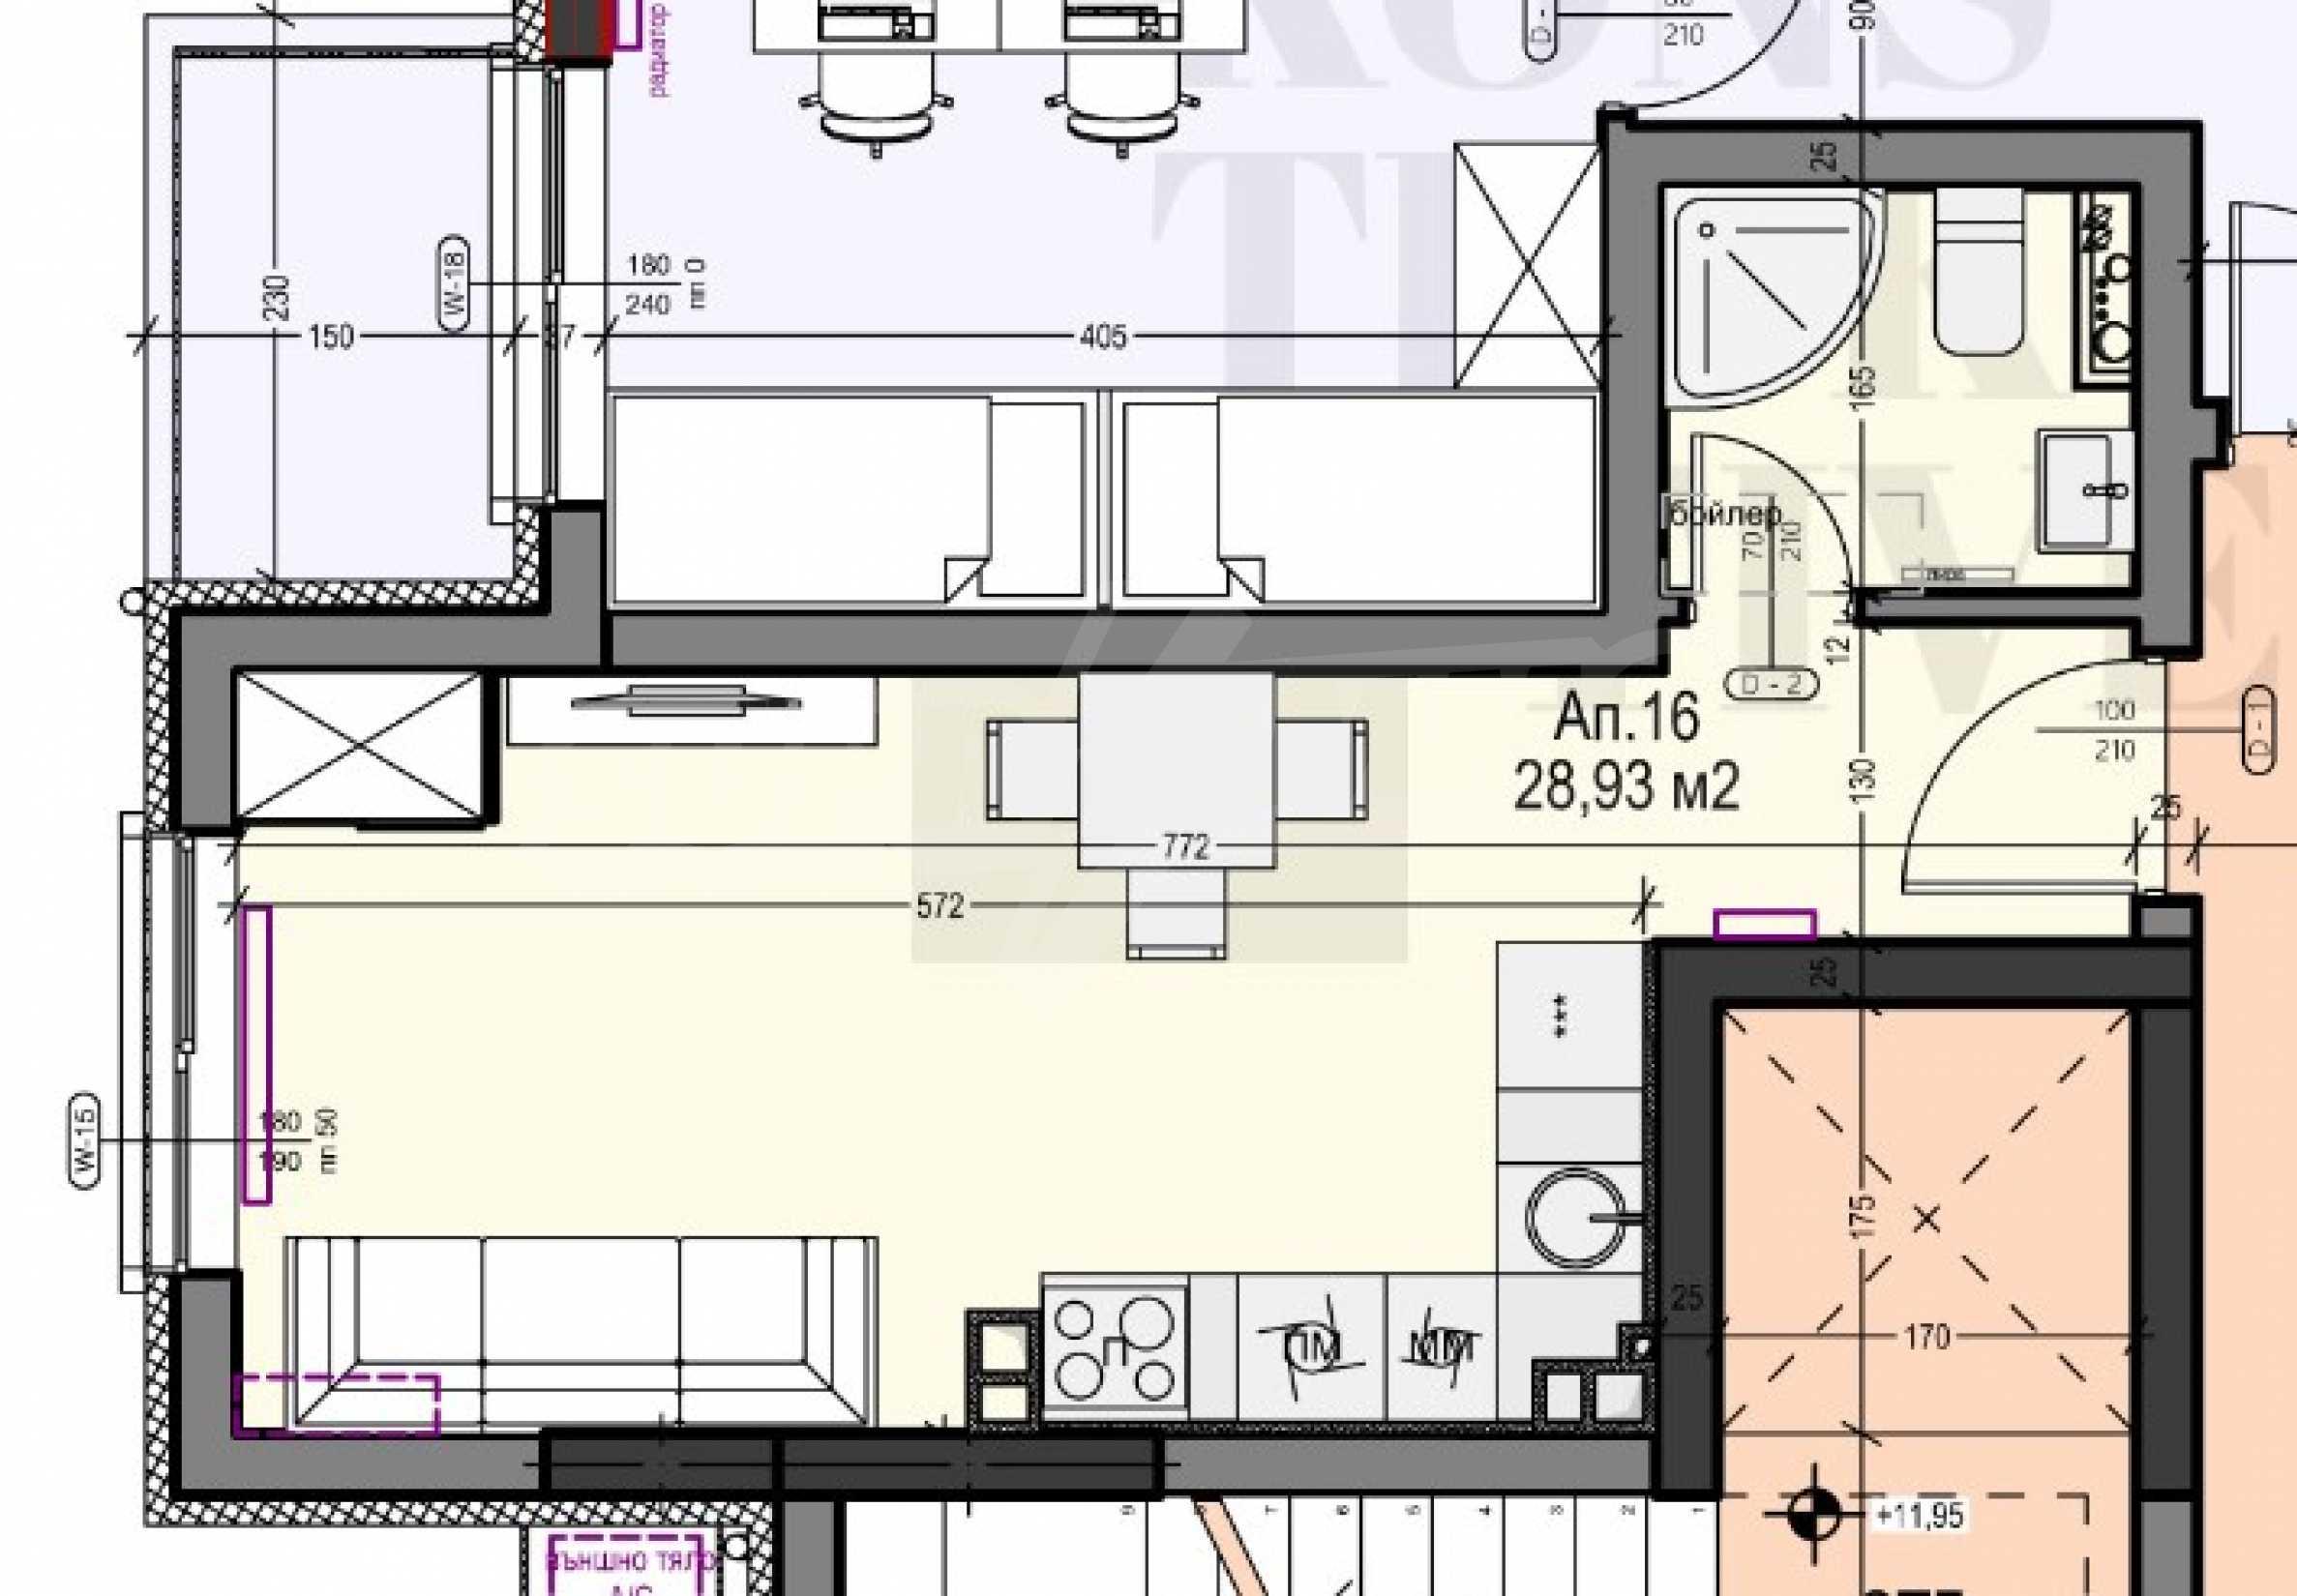 Studio in einem neuen Gebäude im Zentrum von Sofia neben einer U-Bahnstation 2